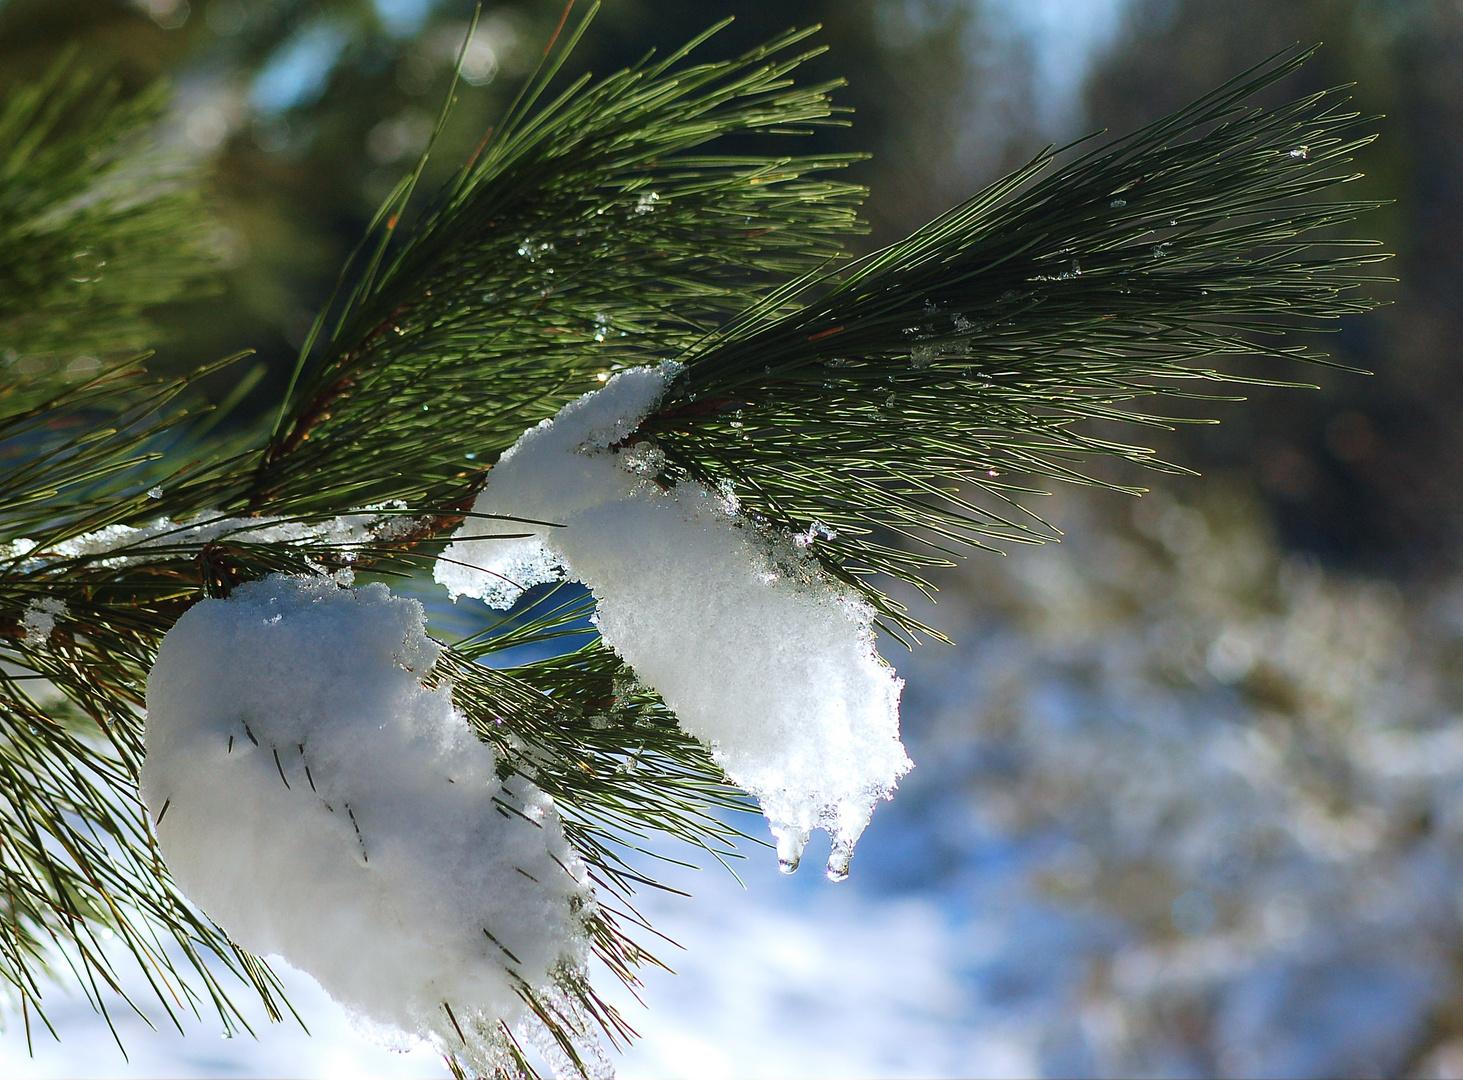 nieve en el arbol